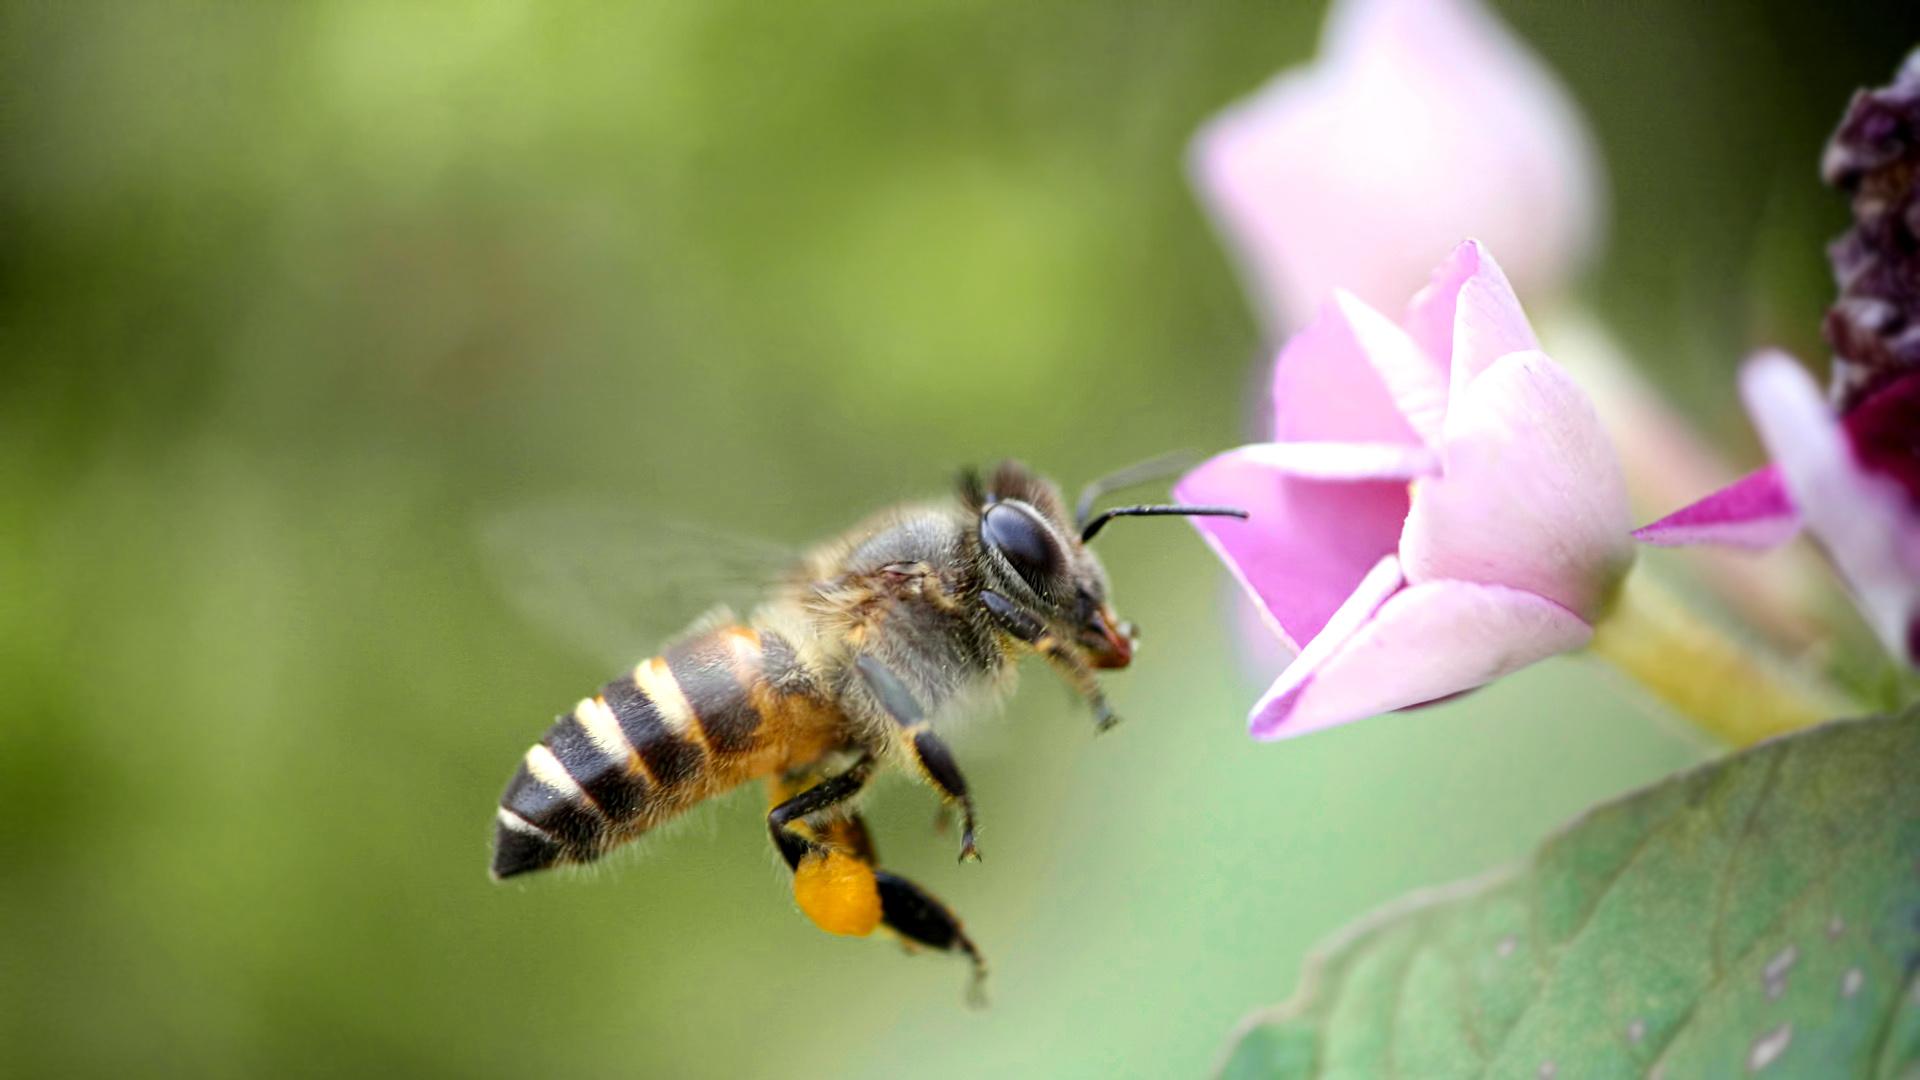 没有王的蜜蜂会是什么样(蜜蜂没有王会不会飞走)